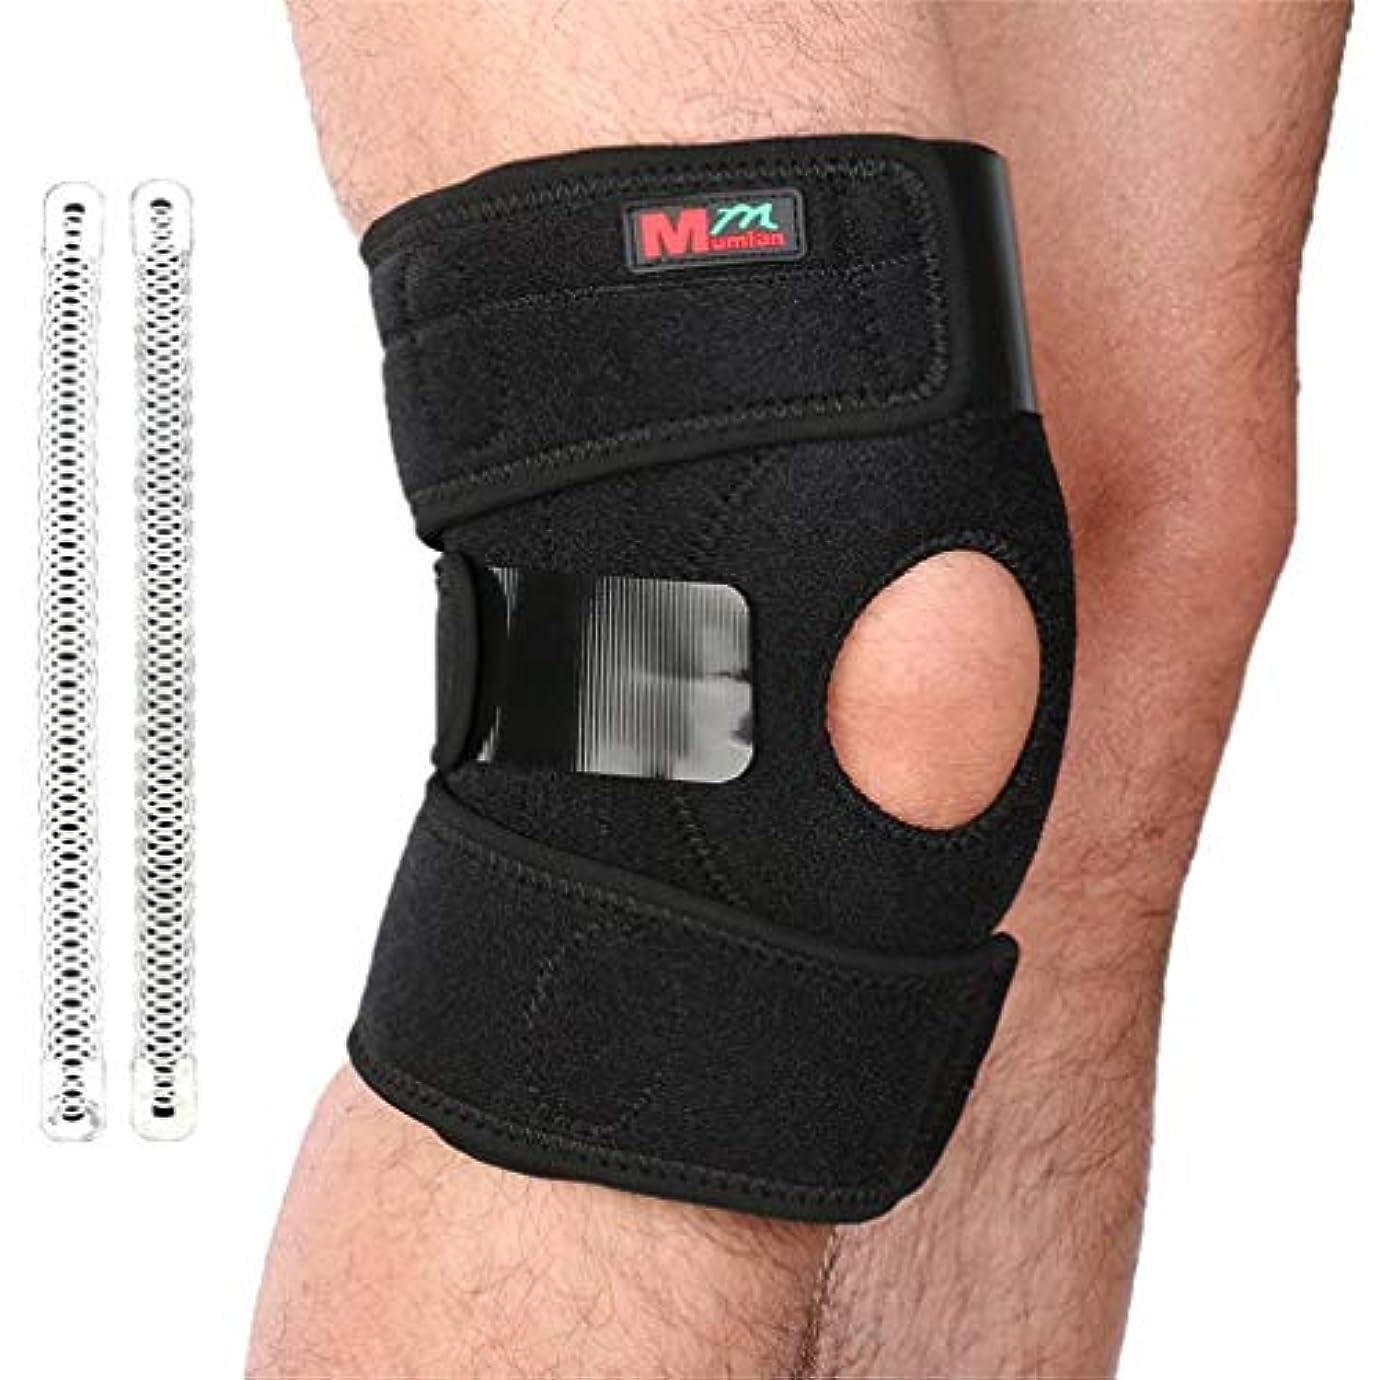 クリケット冒険者サイクロプス1PC膝プロテクター膝パッドシリコン弾性包帯デザイン膝サポート-innovationo